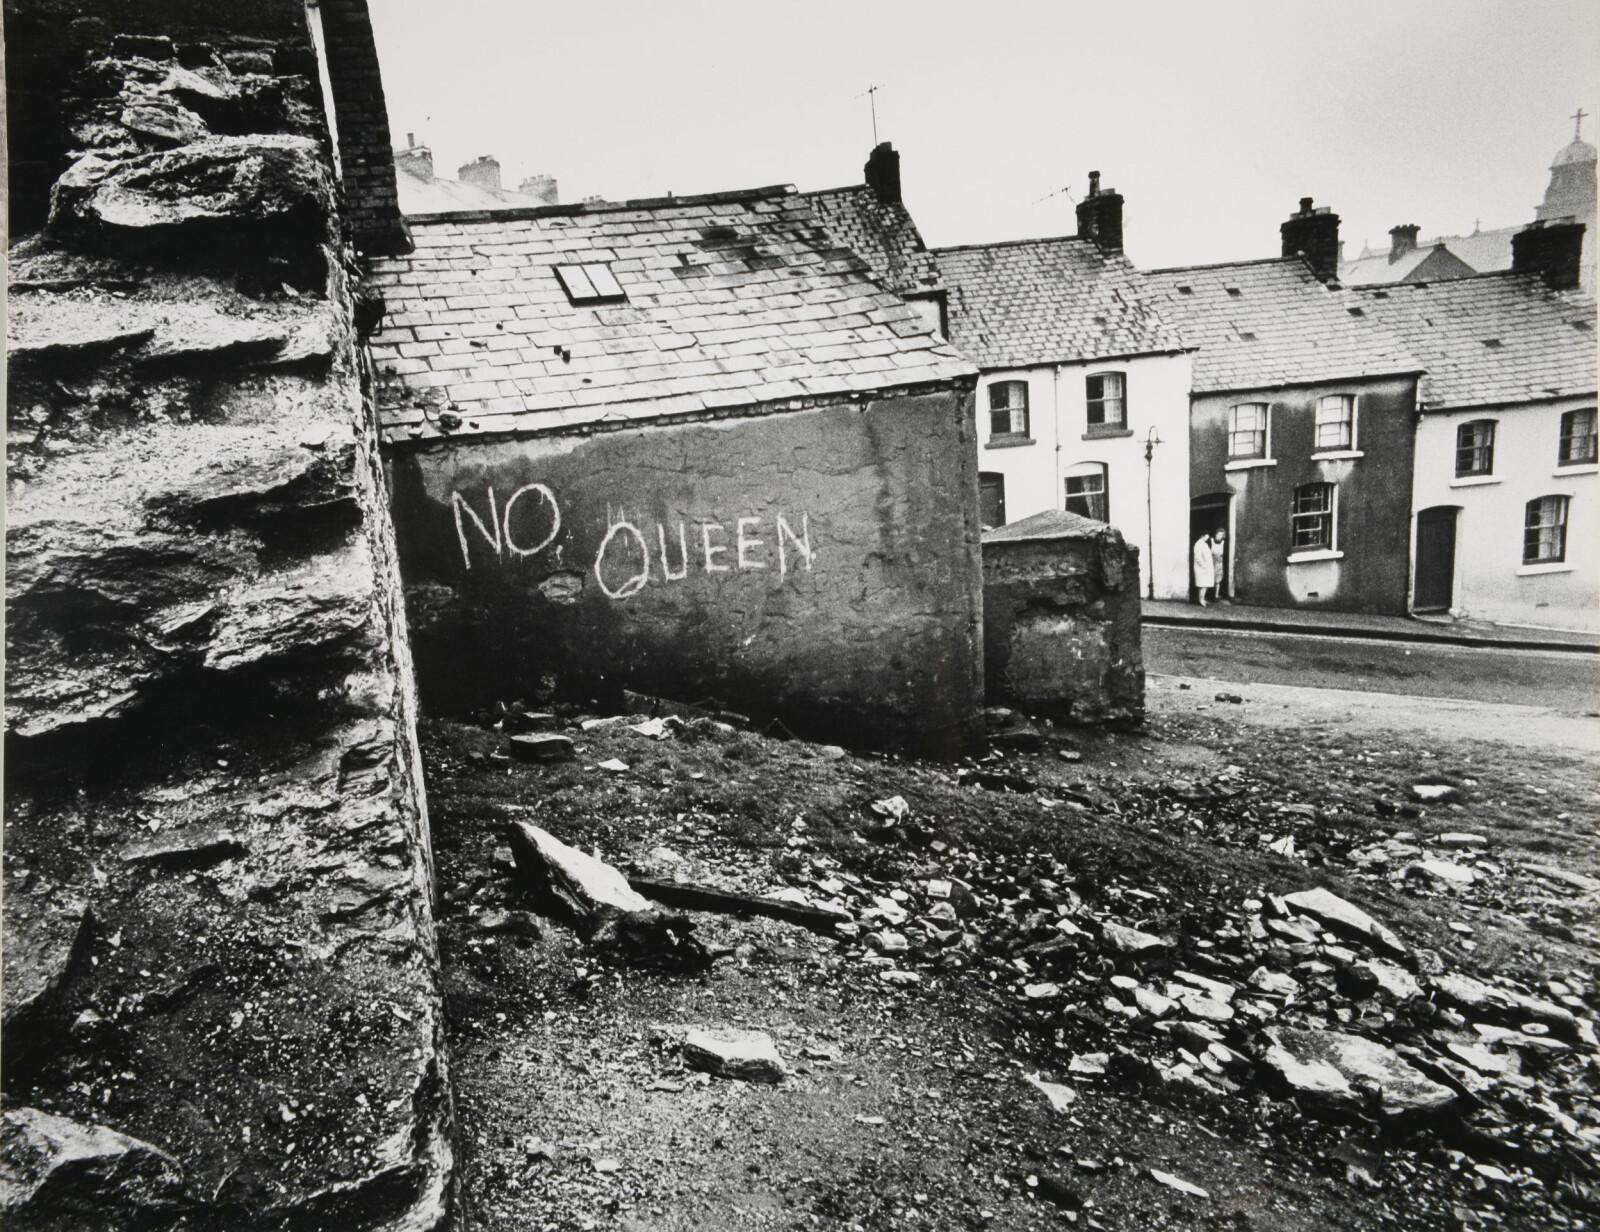 <b><SPAN CLASS=BOLD><STRONG>INGEN DRONNING HER:</b></strong></span> Bogside-opprøret spredte seg og regnes som starten på den 30 år lange perioden omtalt som «The Troubles».